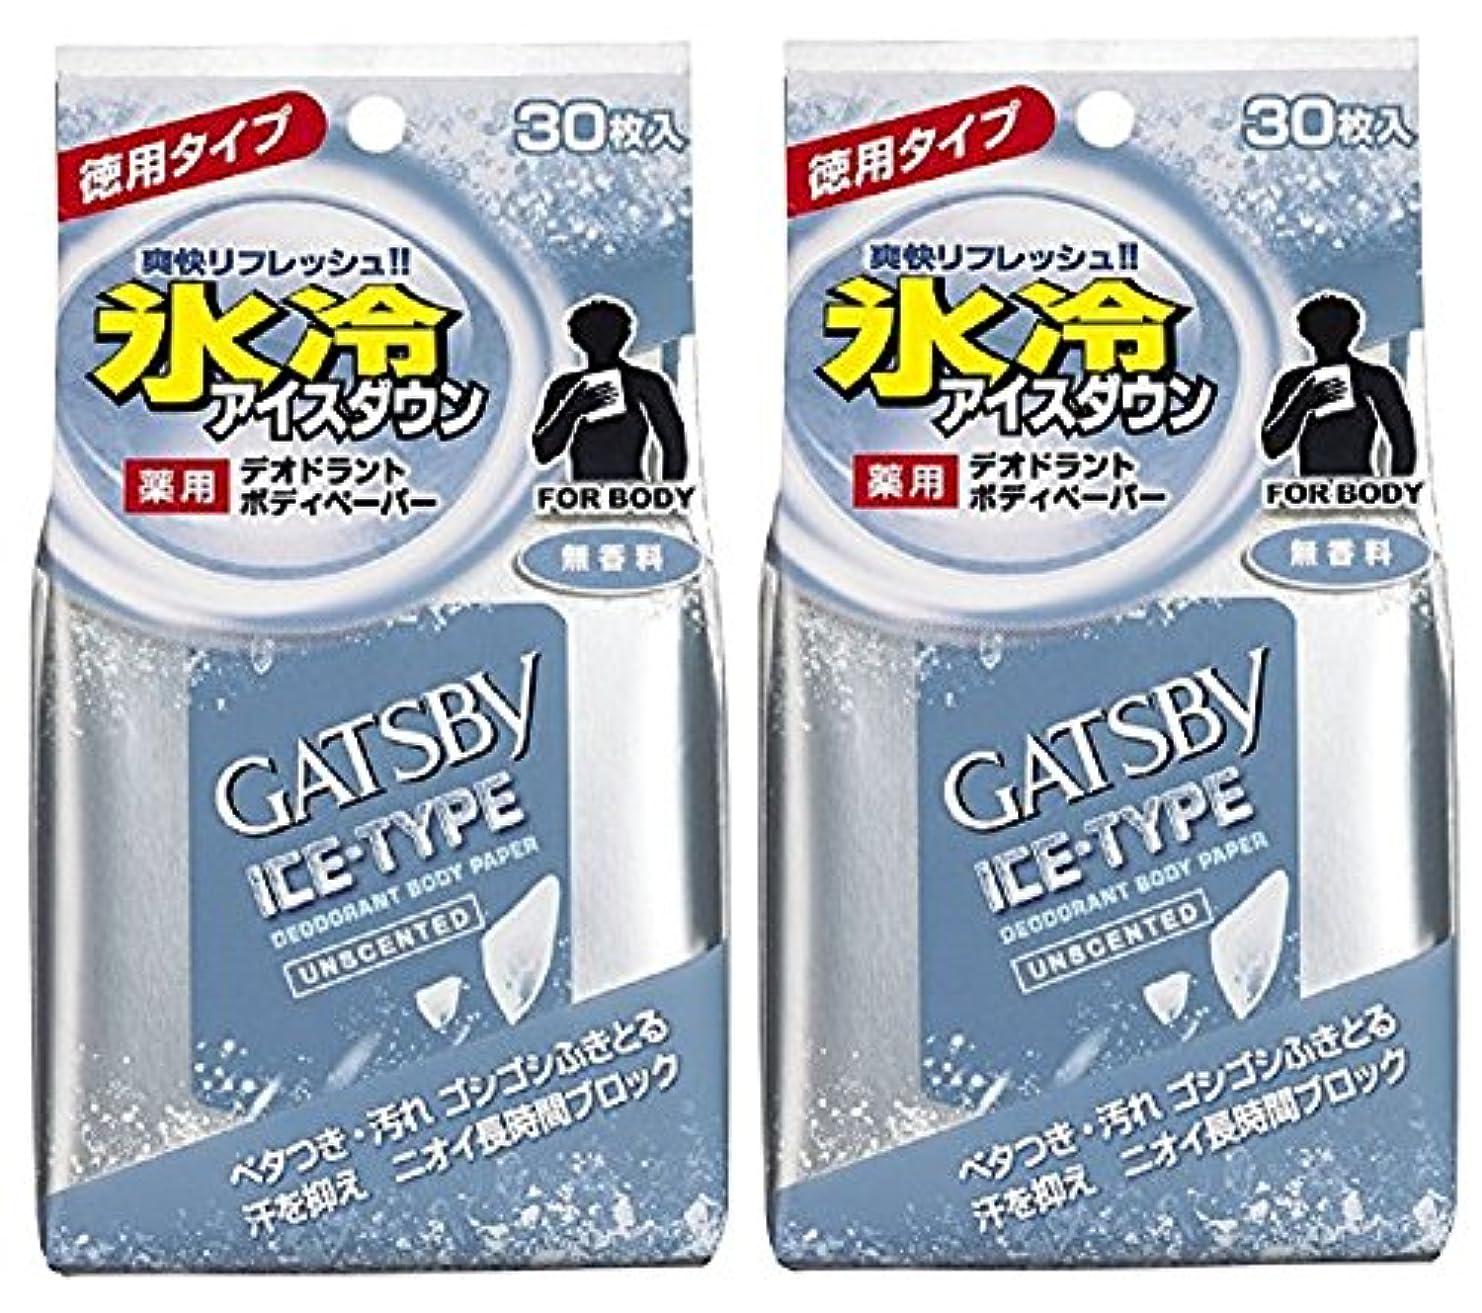 定数有限分離するGATSBY (ギャツビー) アイスデオドラントボディペーパー 無香料 <徳用> (医薬部外品) 30枚 2P